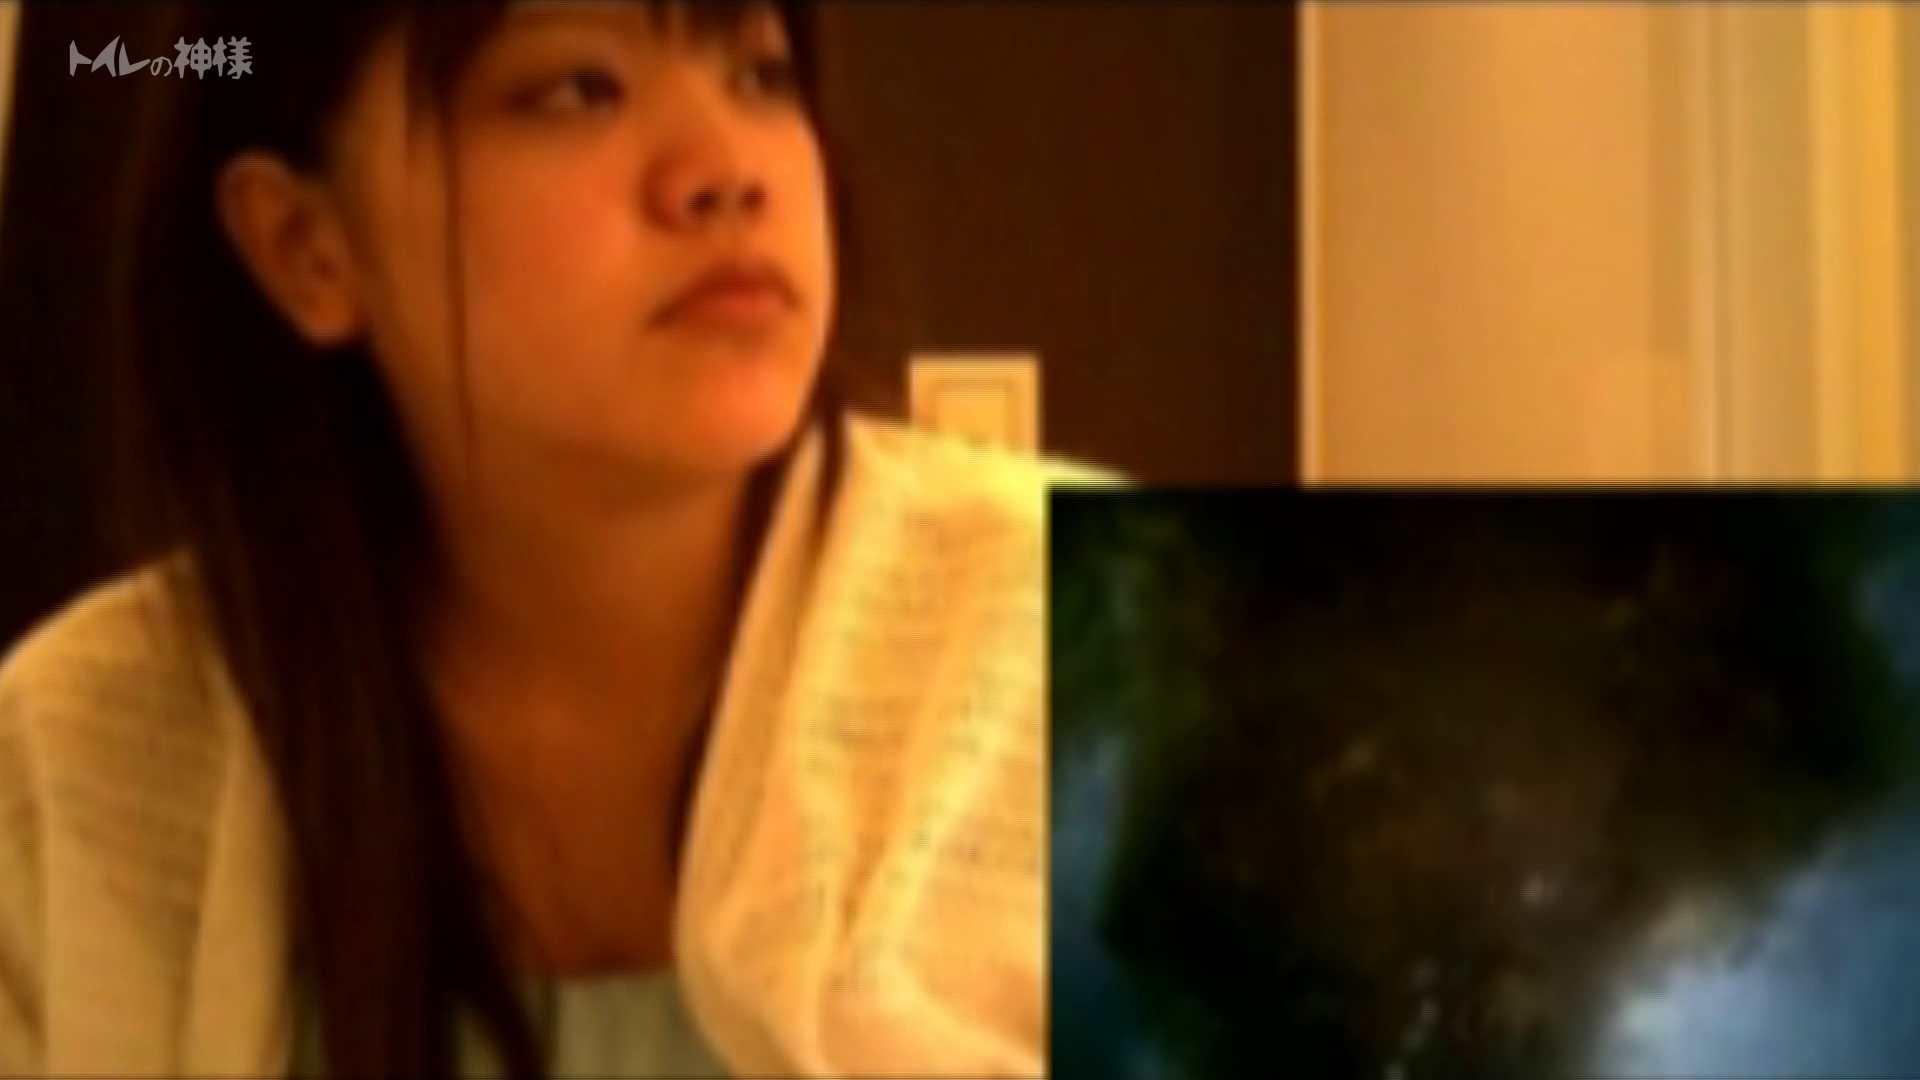 トイレの神様 Vol.03 彼女のうんち隠し撮り ギャル  70PIX 67